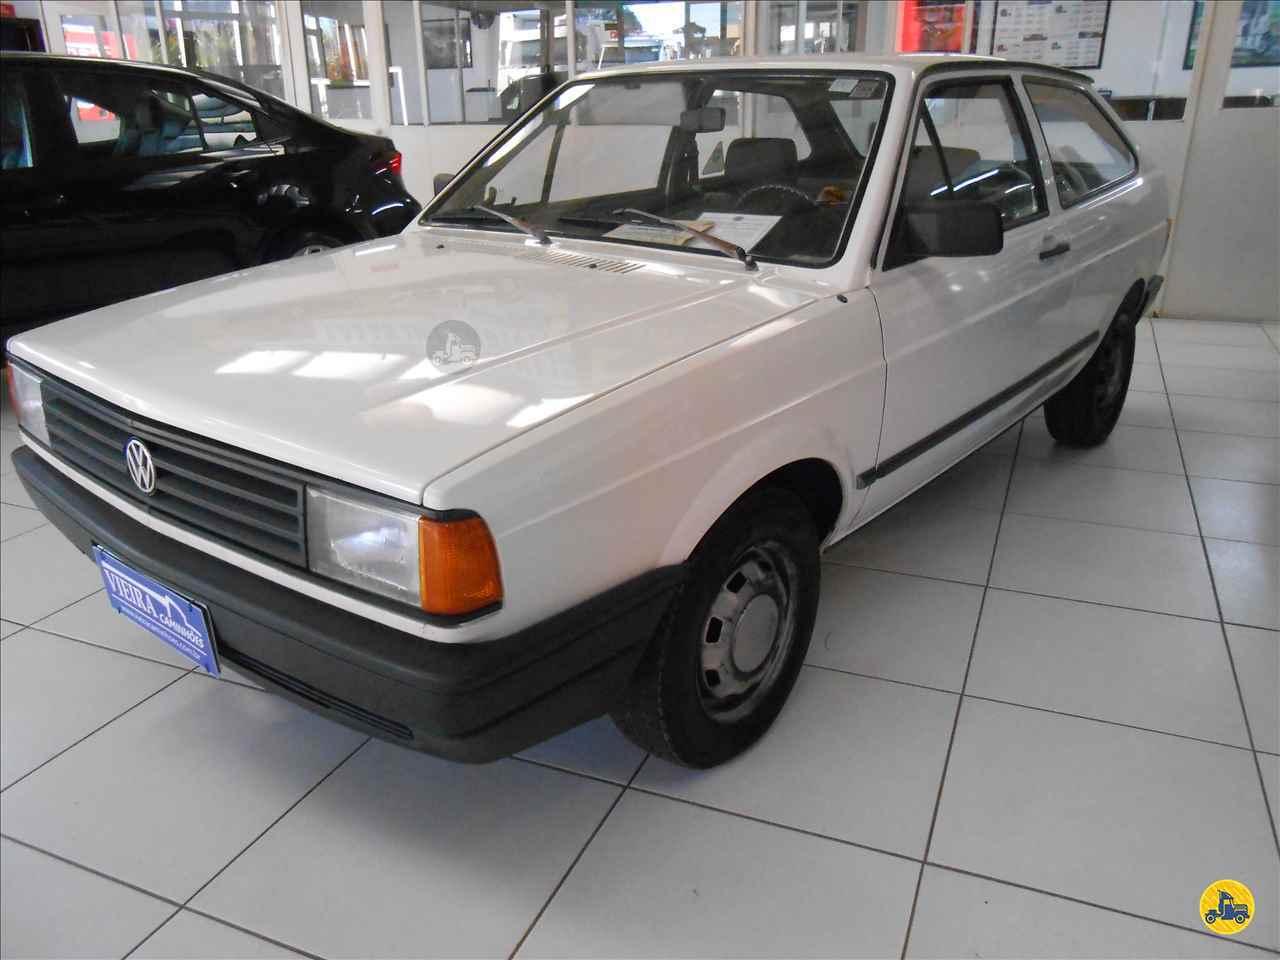 CARRO VW - Volkswagen Gol 1.6 GL Vieira Caminhões CURITIBA PARANÁ PR